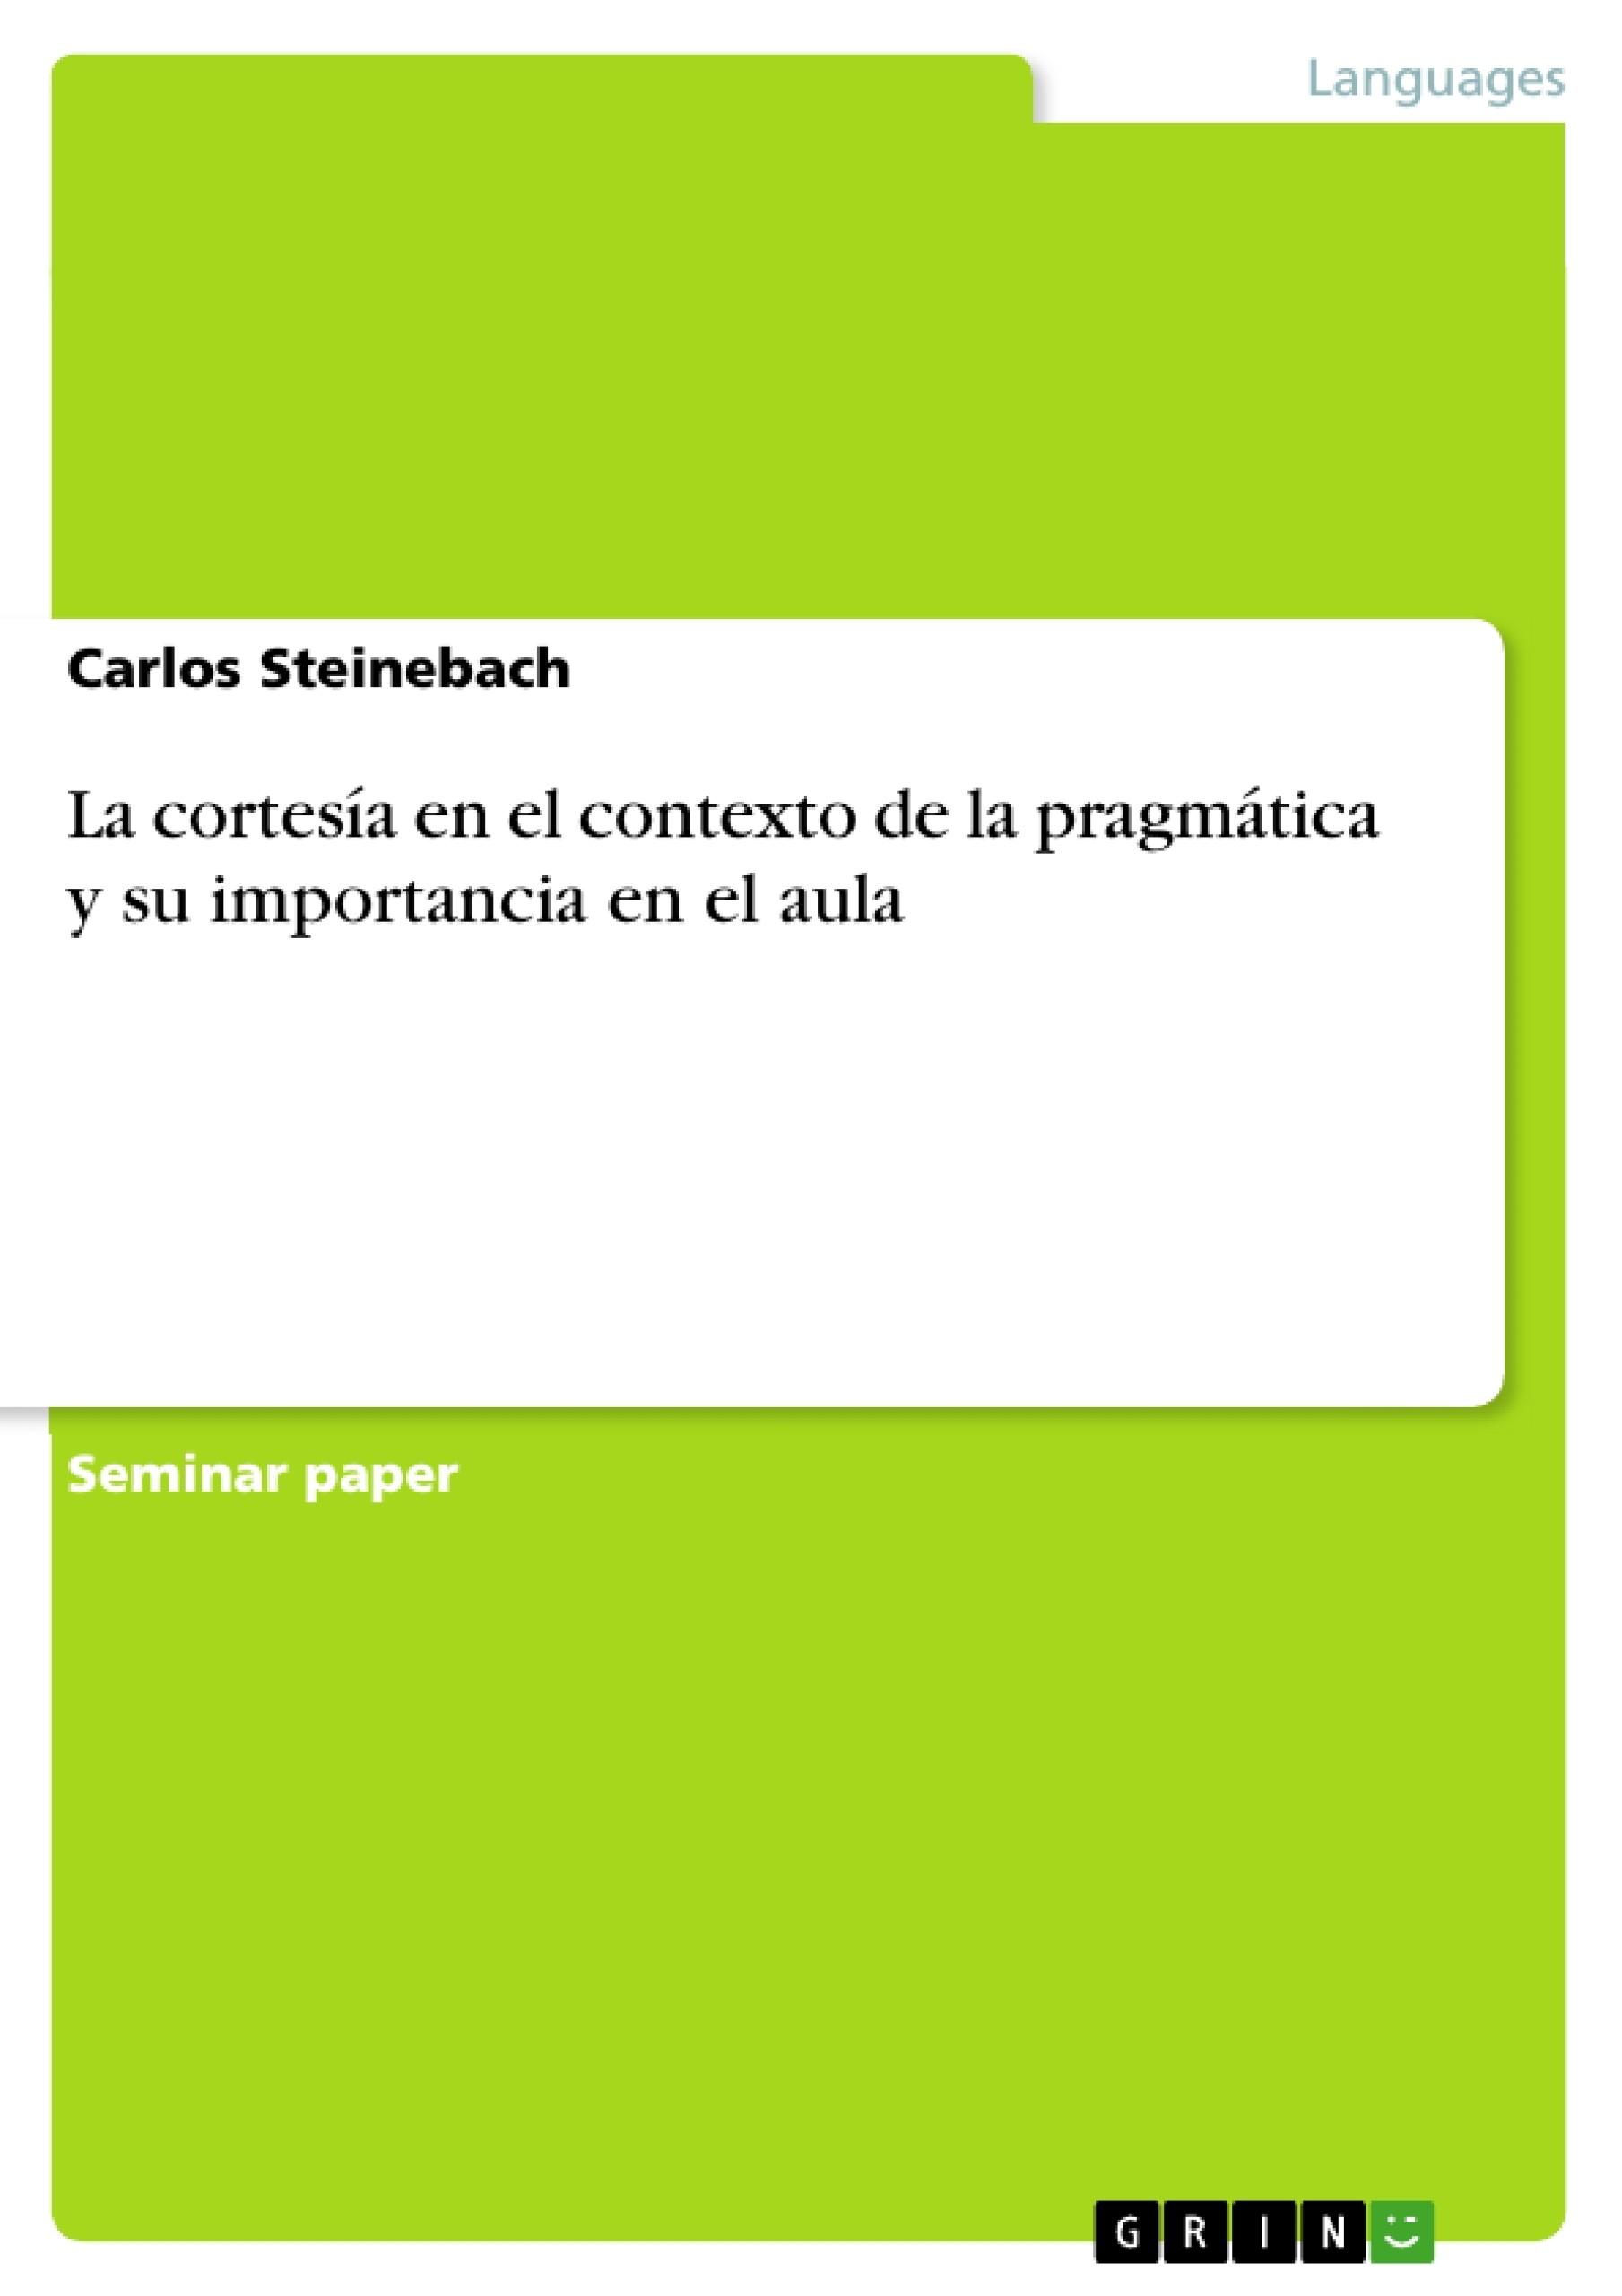 Título: La cortesía en el contexto de la pragmática y su importancia en el aula